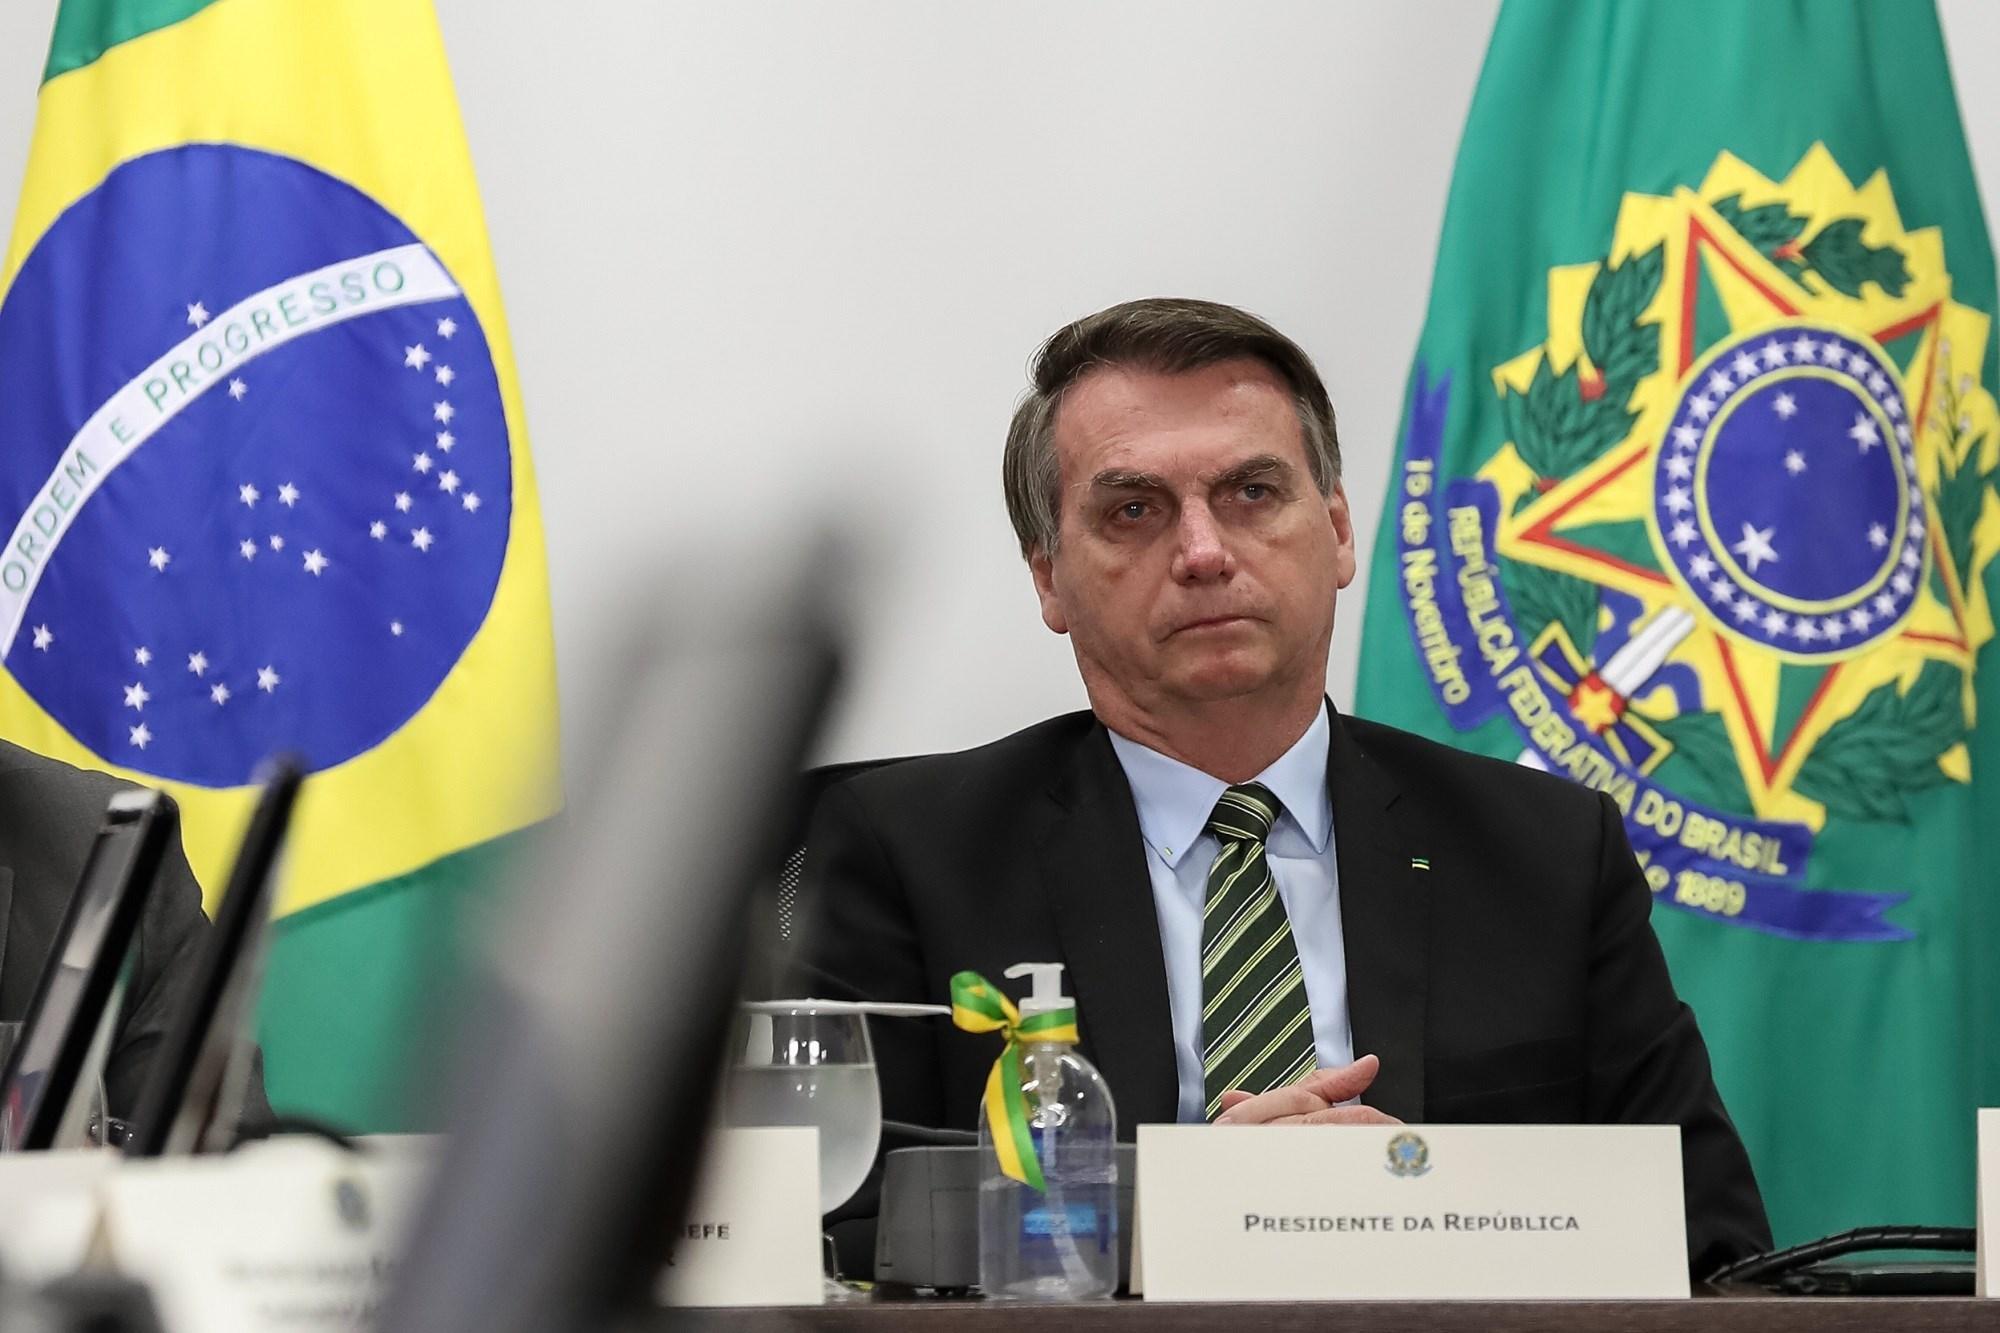 البرازيل: خطة الحكومة للتلقيح ضد كوفيد-19 تتعرض لانتقادات لاذعة